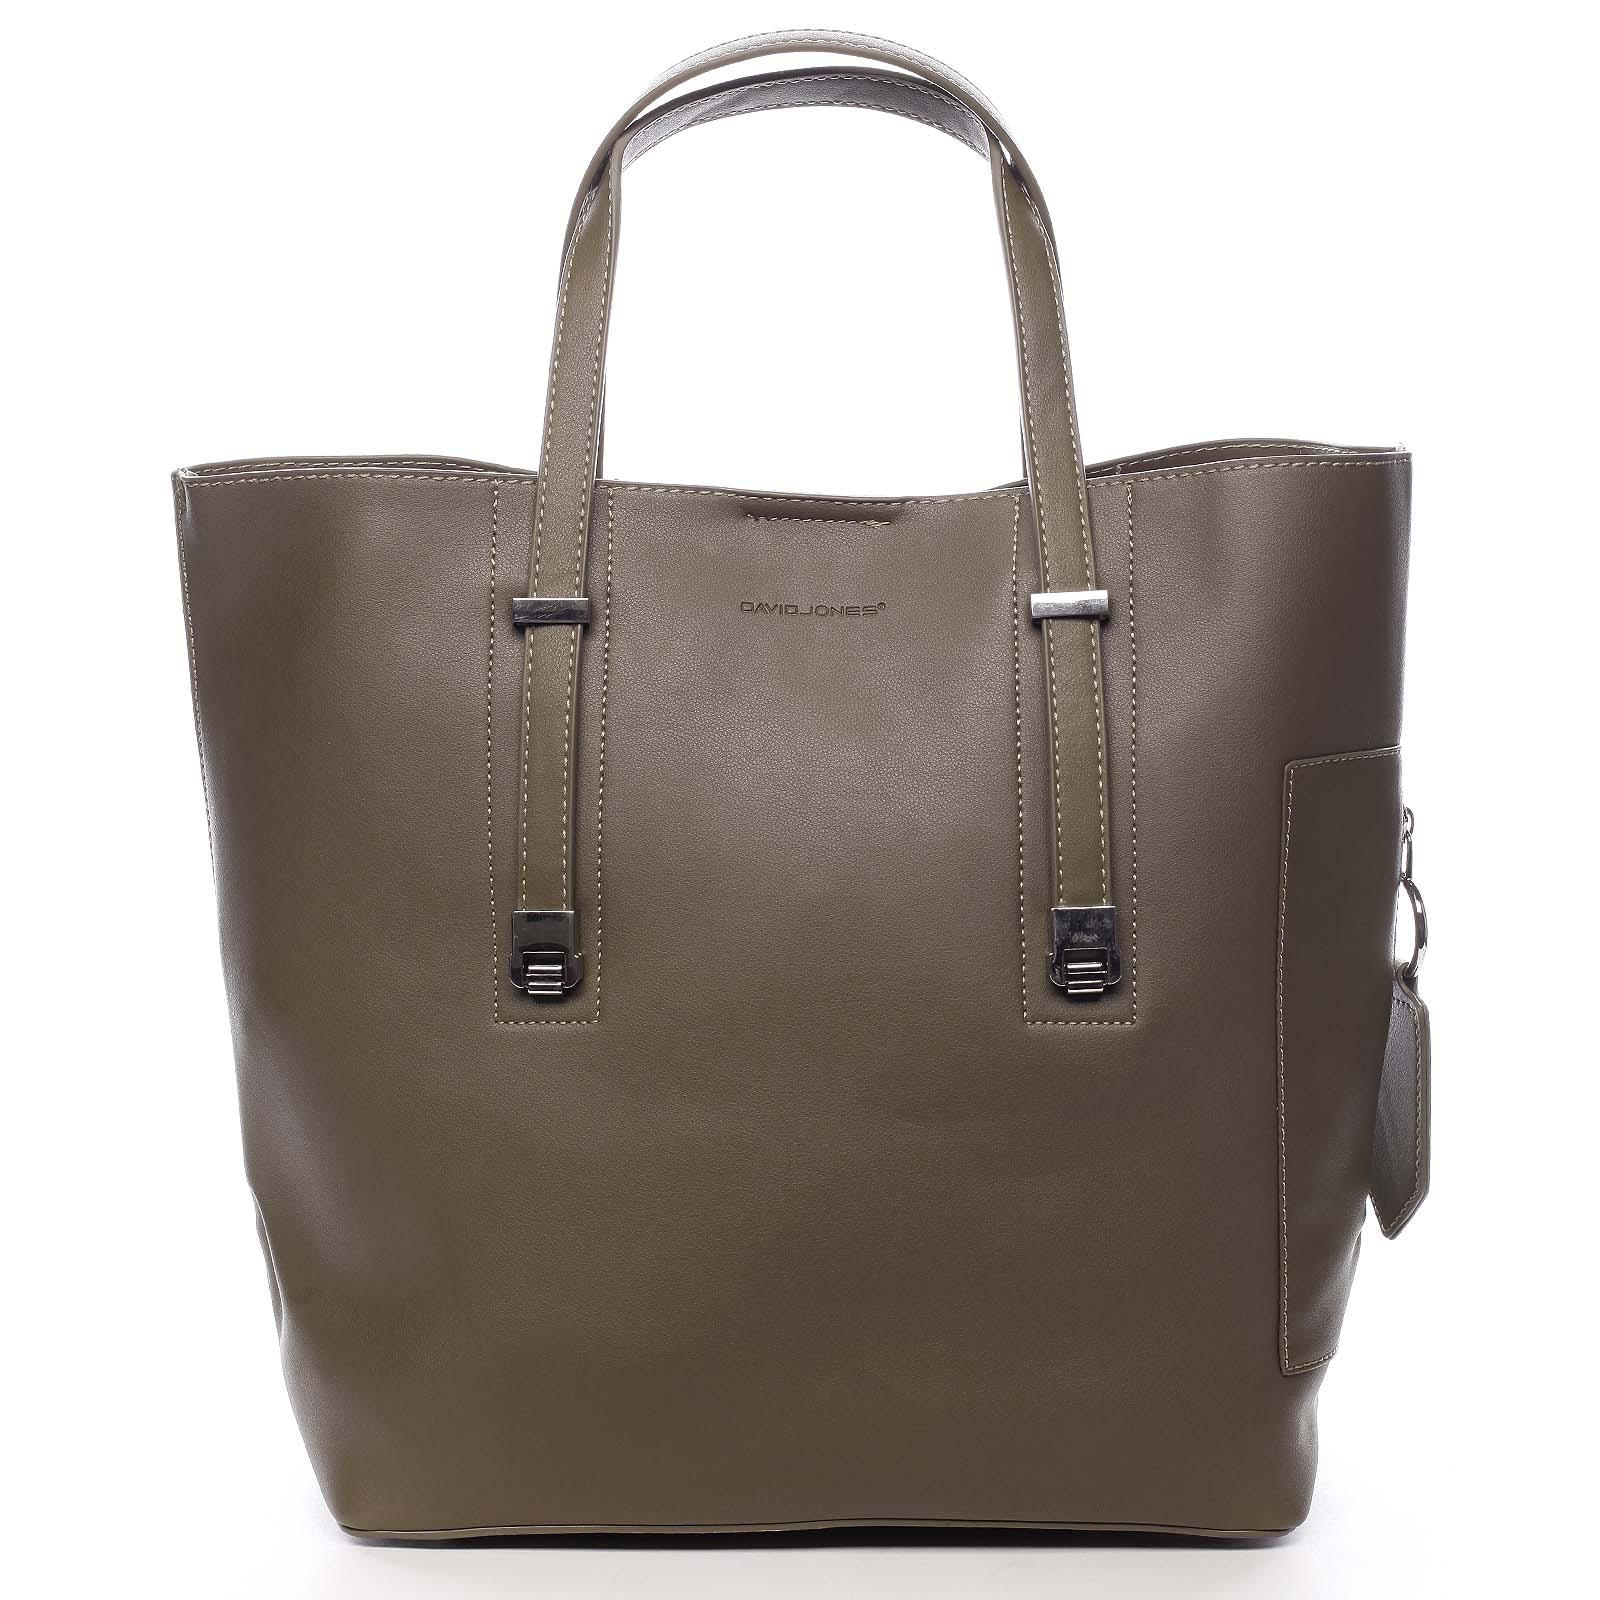 Veľká dámska kabelka do ruky khaki - David Jones Bruises